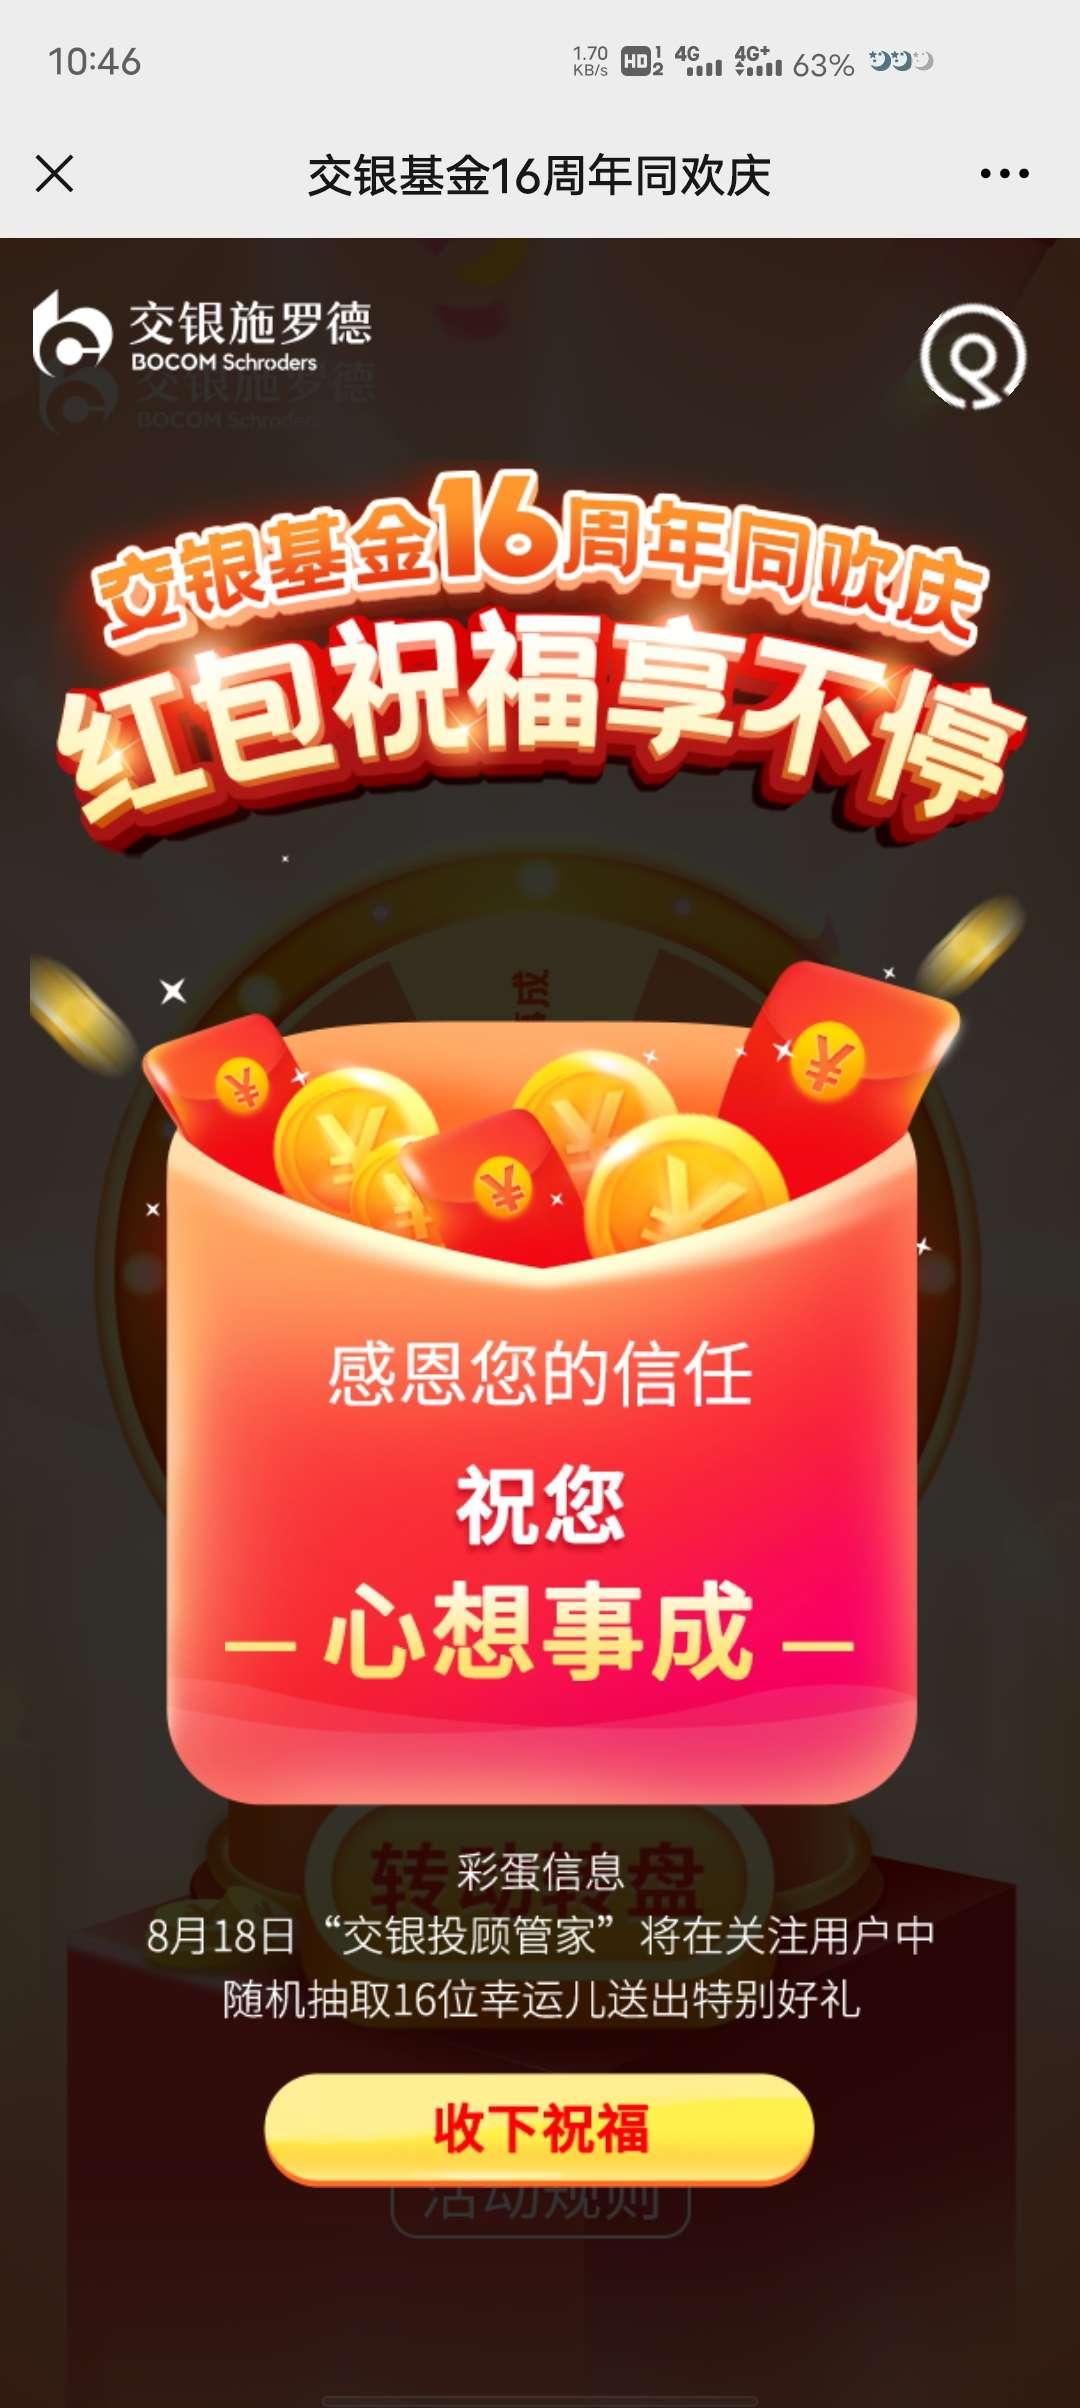 交银基金16周年与欢庆抽1.6-16元微信红包插图